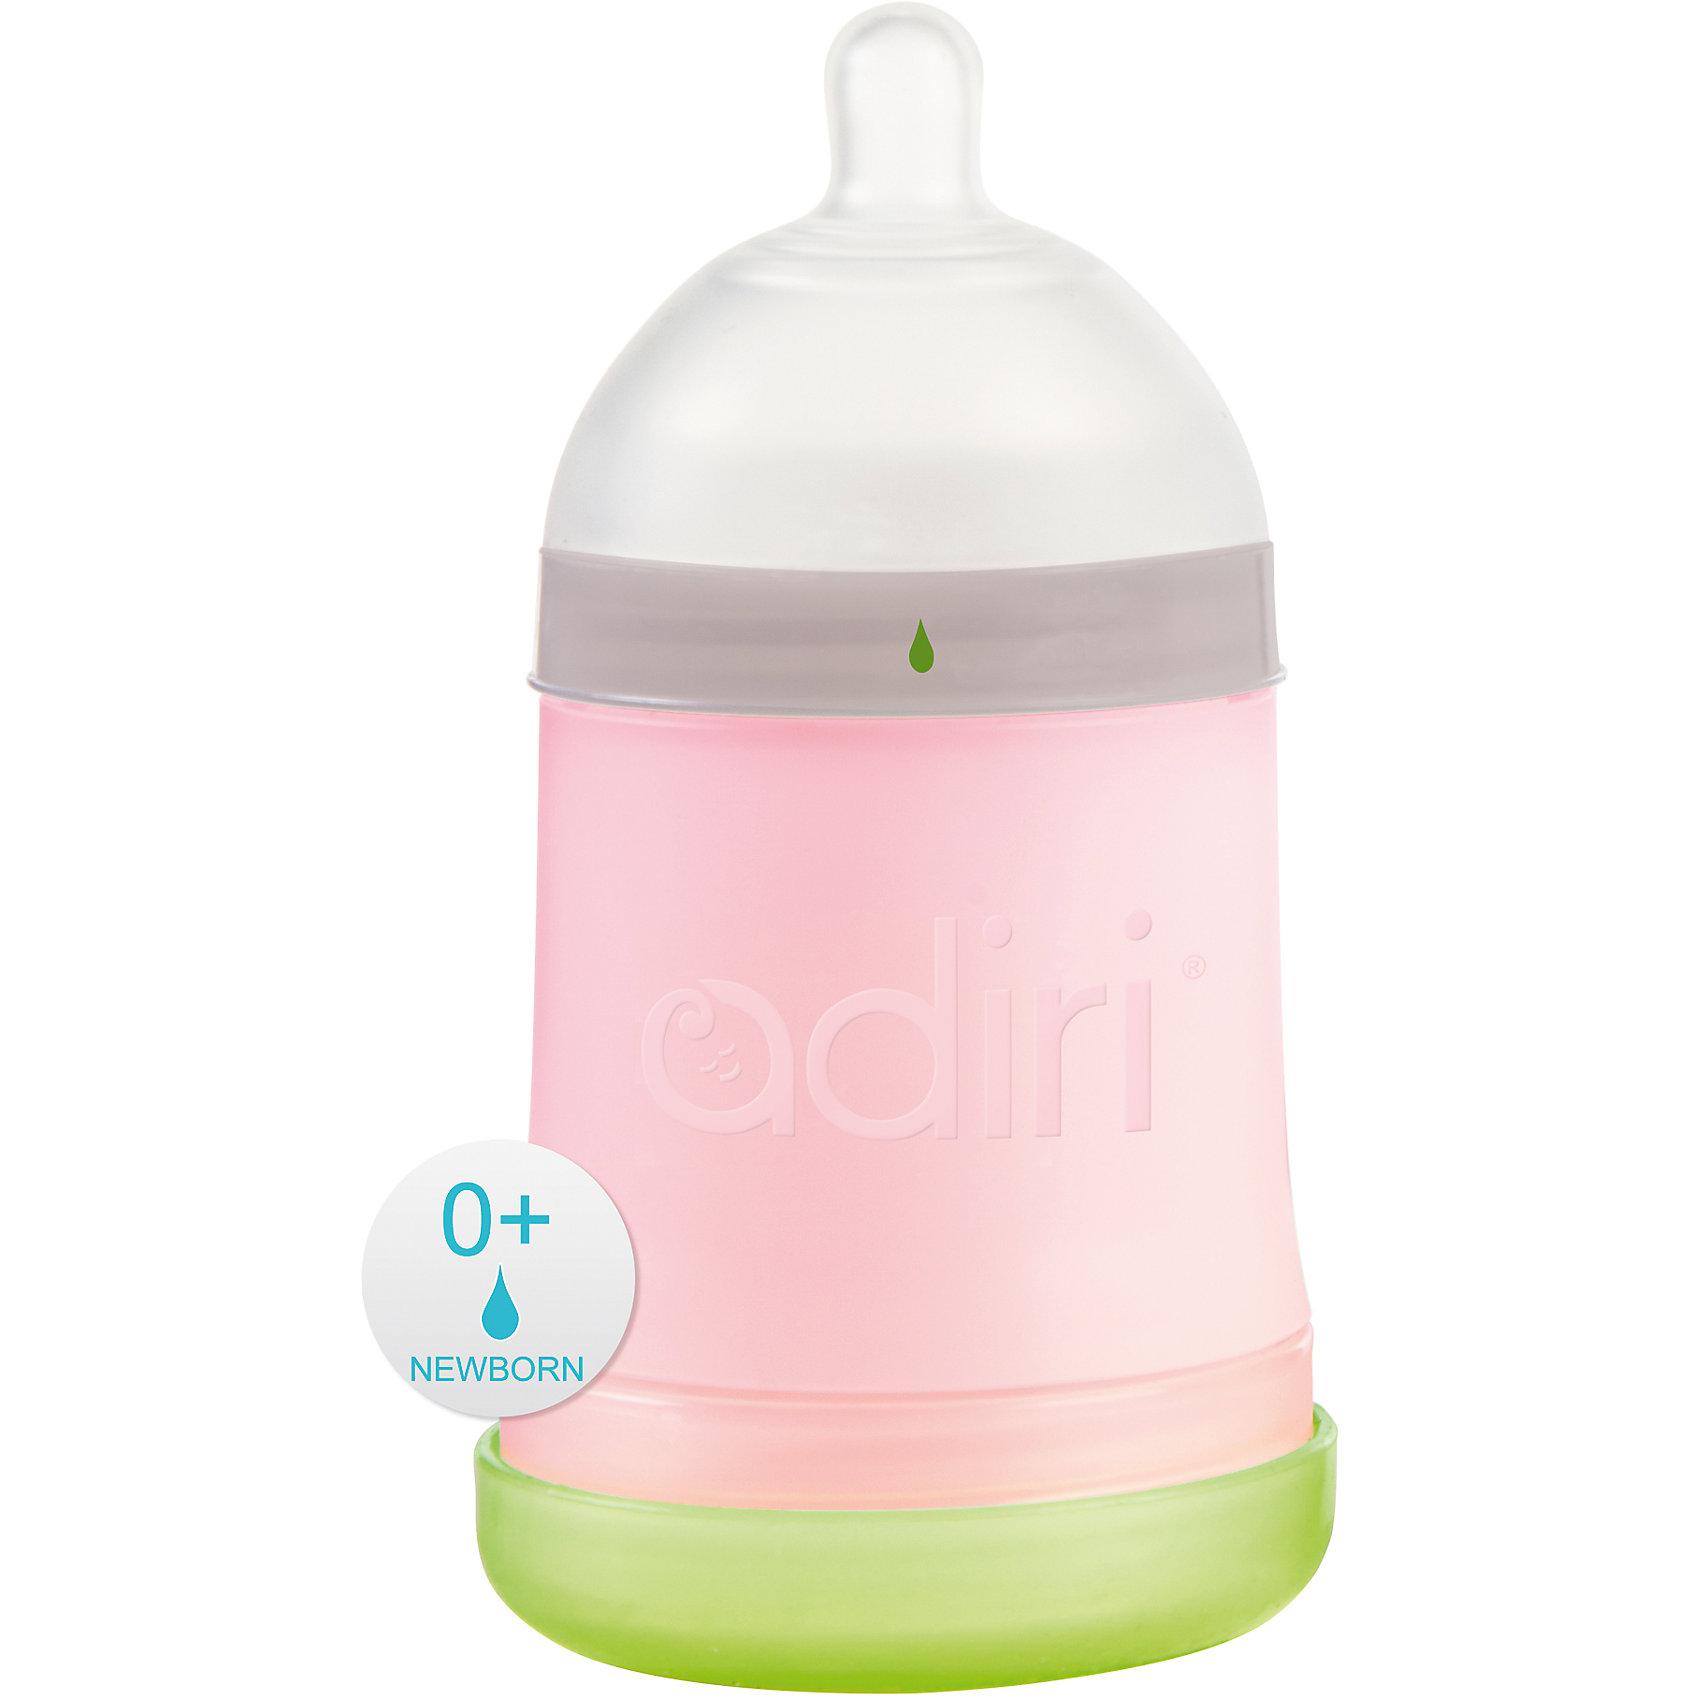 Бутылочка NxGen, Newborn Nurser, 0-3 мес., 163 мл., Adiri, pinkБутылочки и аксессуары<br>Бутылочка NxGen, Newborn Nurser, 0-3 мес., 163 мл., Adiri, pink.<br><br>Характеристики:<br><br>- Возраст: с рождения до 3 месяцев<br>- В комплекте: бутылочка, соска<br>- Объем: 163 мл.<br>- Соска: слабый поток<br>- Цвет: розовый<br>- Материал: бутылочка – пластик, соска - силикон<br>- Не содержит бисфенол А<br><br>Уникальная бутылочка от канадского производителя Adiri NxGen разработана с учетом рекомендаций специалистов-практиков, ученых, специалистов по грудному вскармливанию и, самое главное, мам. Эргономичная форма и тактильные свойства бутылочки повторяют материнскую грудь, благодаря чему практически сводится к нулю вероятность отказа малыша от груди. Уникальная форма позволяет комбинировать вскармливание грудью и кормление из бутылочки на протяжении всего периода грудного вскармливания. Даже в том случае, если мама решит перейти к кормлению только из бутылочки, то с бутылочкой Adiri для малыша переход станет почти незаметен. Специально сконструированная мягкая соска со слабым потоком, изготовленная из медицинского силикона, идеально подходит по форме и размеру, и обеспечивает ощущение сосания материнской груди. Вентиляционная система внизу бутылочки напоминает по форме лепесток (Petal®) и обеспечивает одностороннюю последовательную подачу воздуха внутрь бутылочки, предотвращая возникновение колик. Бутылочка разделяется на три части, каждую из которых очень удобно мыть. Современные технологии, использованные при производстве бутылочек Adiri, запатентованы и применяются только в продукции Adiri. Неоспоримым преимуществом Adiri является превосходная эргономика, форма и тактильные свойства продукции. Бутылочки Adiri получили международное признание родителей!<br><br>Бутылочку NxGen, Newborn Nurser, 0-3 мес., 163 мл., Adiri, pink можно купить в нашем интернет-магазине.<br><br>Ширина мм: 70<br>Глубина мм: 70<br>Высота мм: 140<br>Вес г: 125<br>Возраст от месяцев: 0<br>Возраст до м